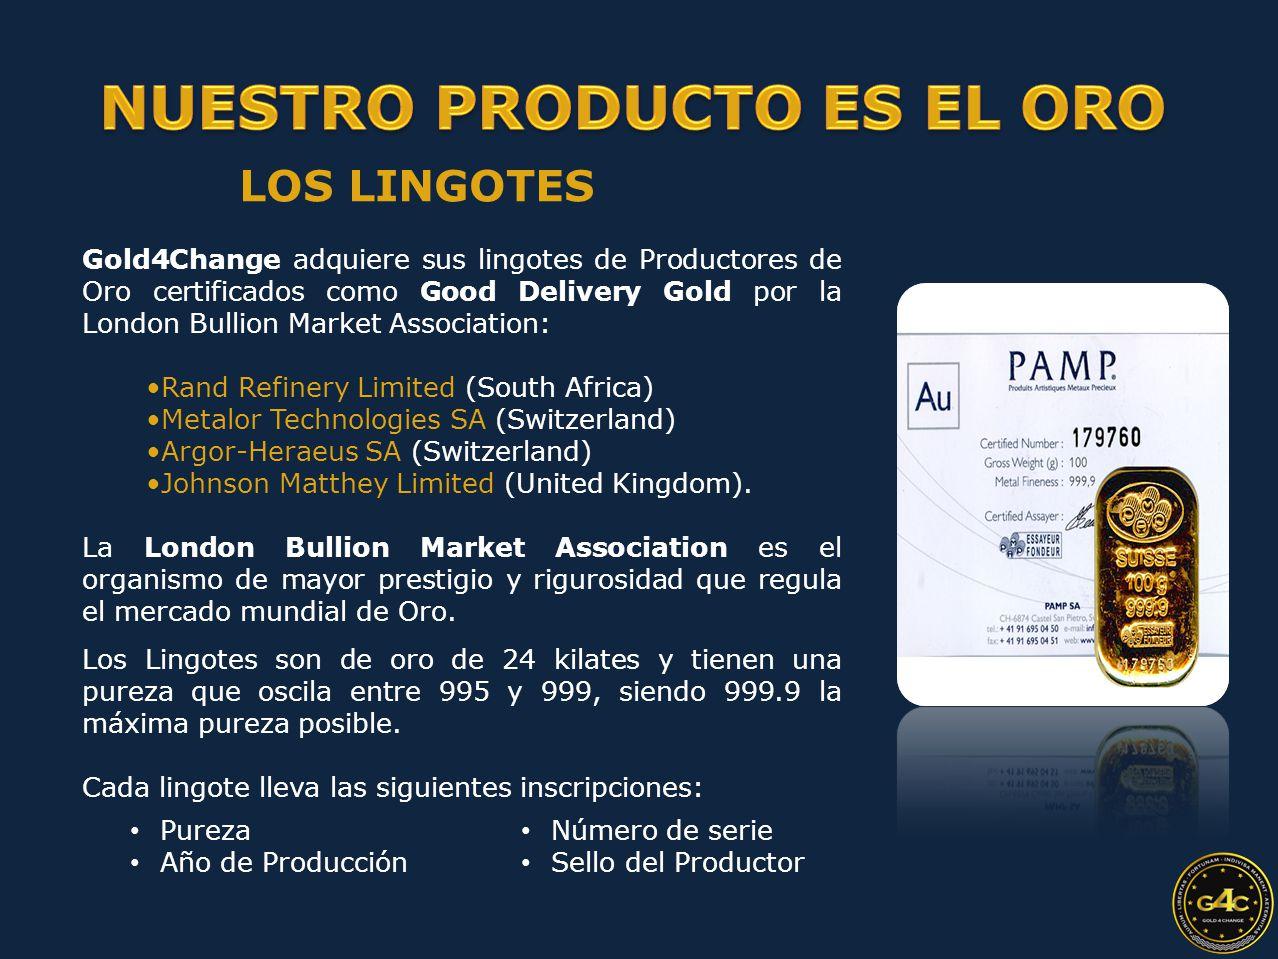 Los Lingotes son de oro de 24 kilates y tienen una pureza que oscila entre 995 y 999, siendo 999.9 la máxima pureza posible.